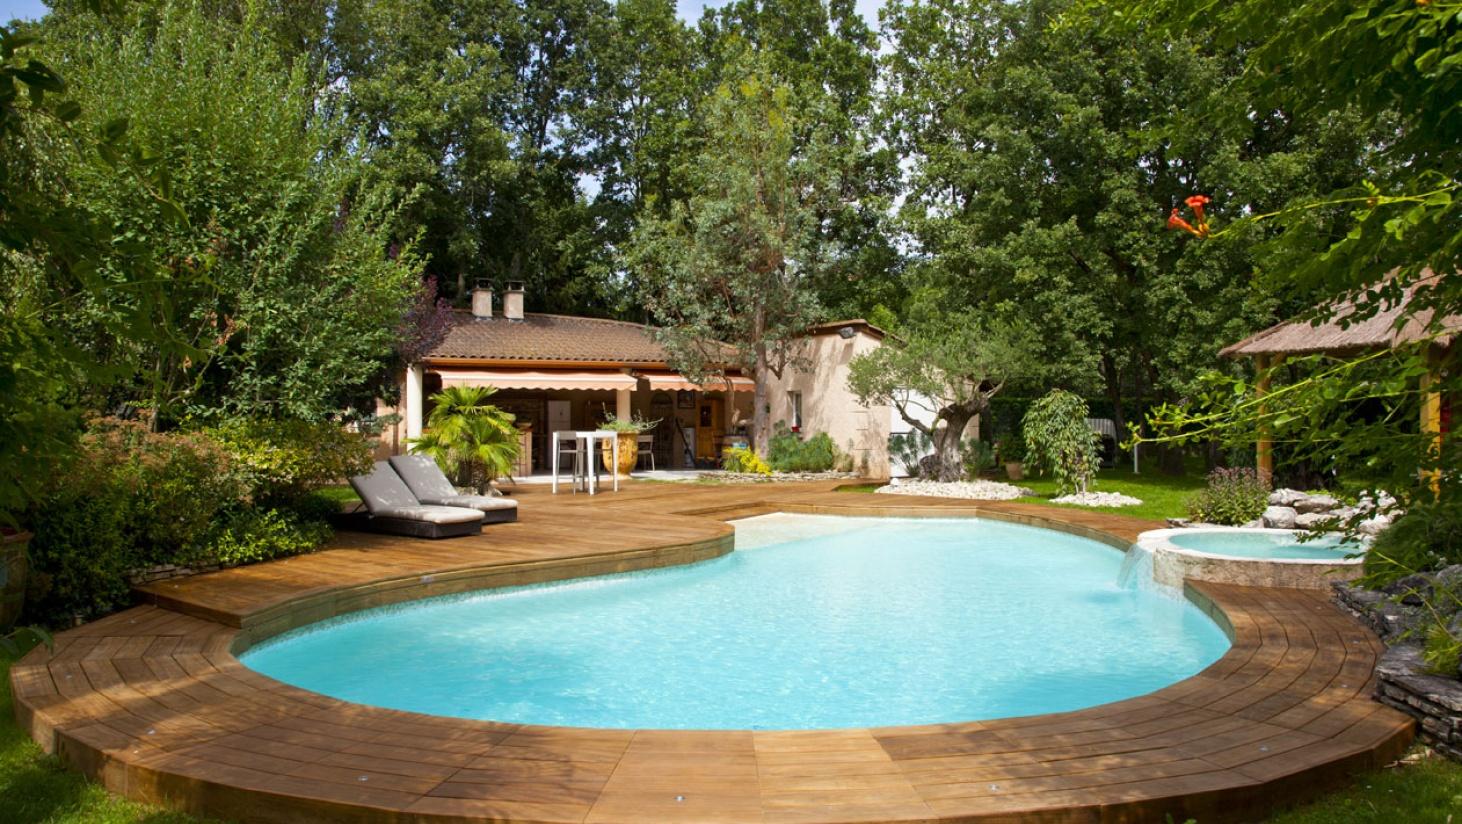 terrasse bois piscine haricot et spa